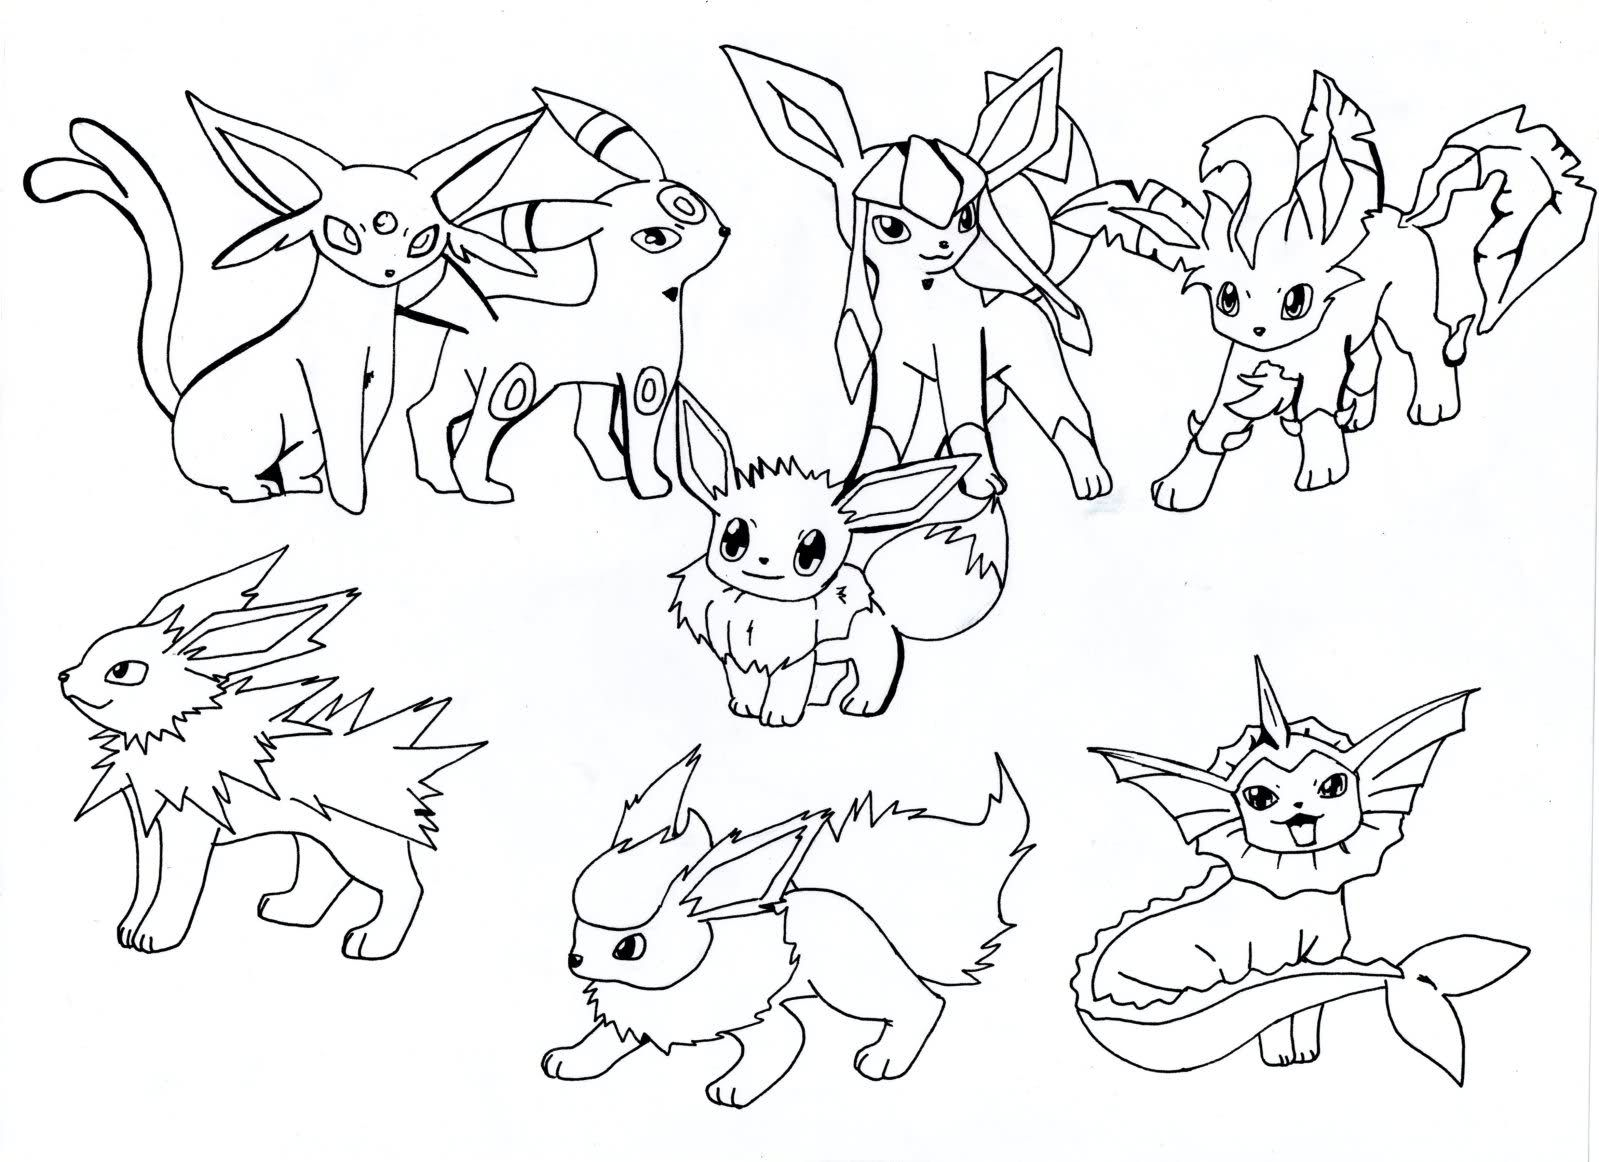 Disegni da colorare di pokemon x e y hikkkll pinterest for Pokemon da stampare e colorare